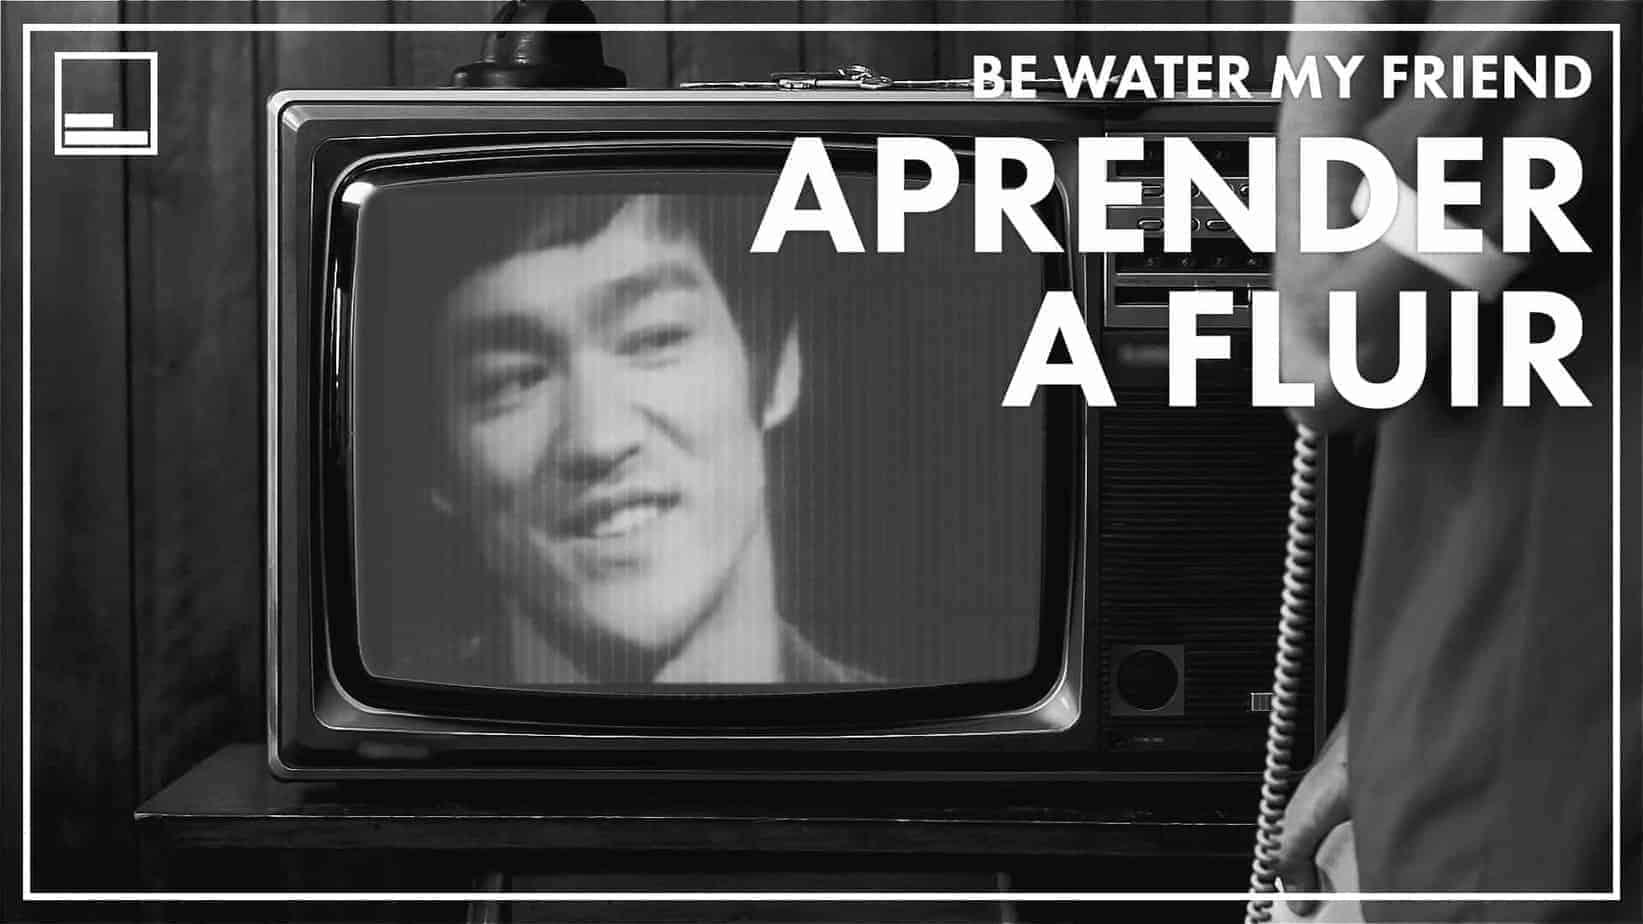 Be water my friend - Aprender a fluir - Cómo la filosofía de Bruce Lee puede ayudarte en tu vida.